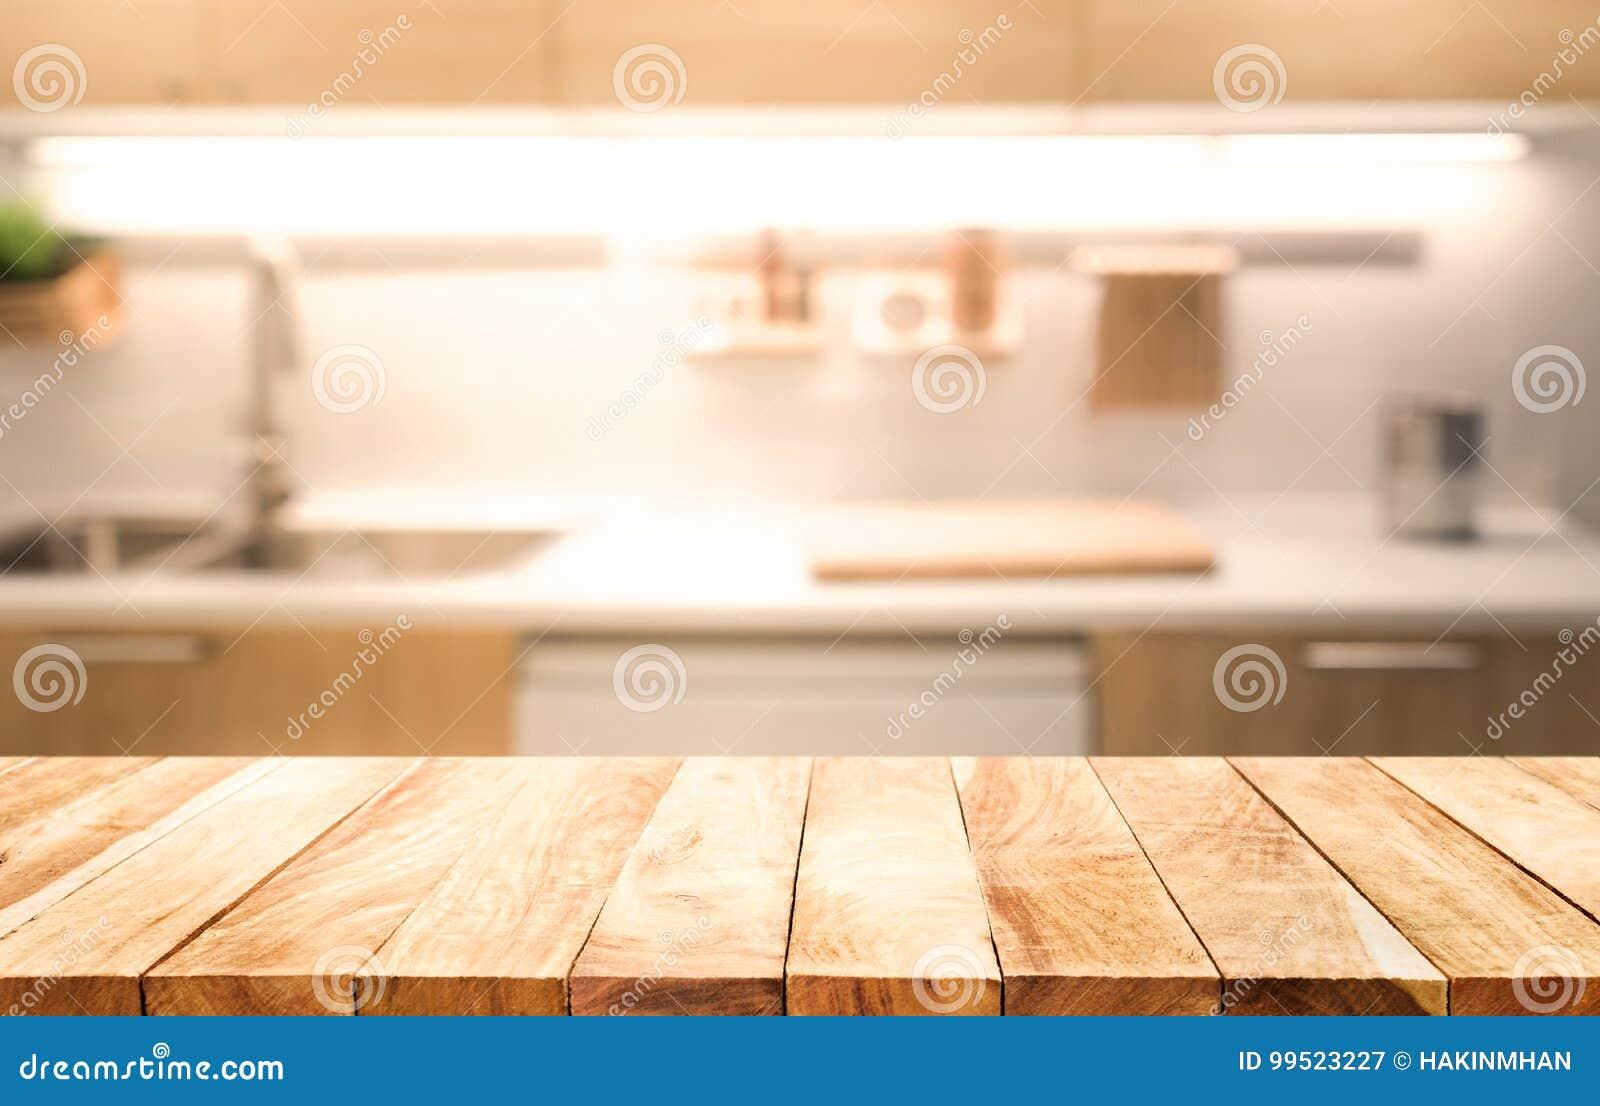 Dessus de table en bois sur le fond de pièce de cuisine de tache floue faisant cuire le concept